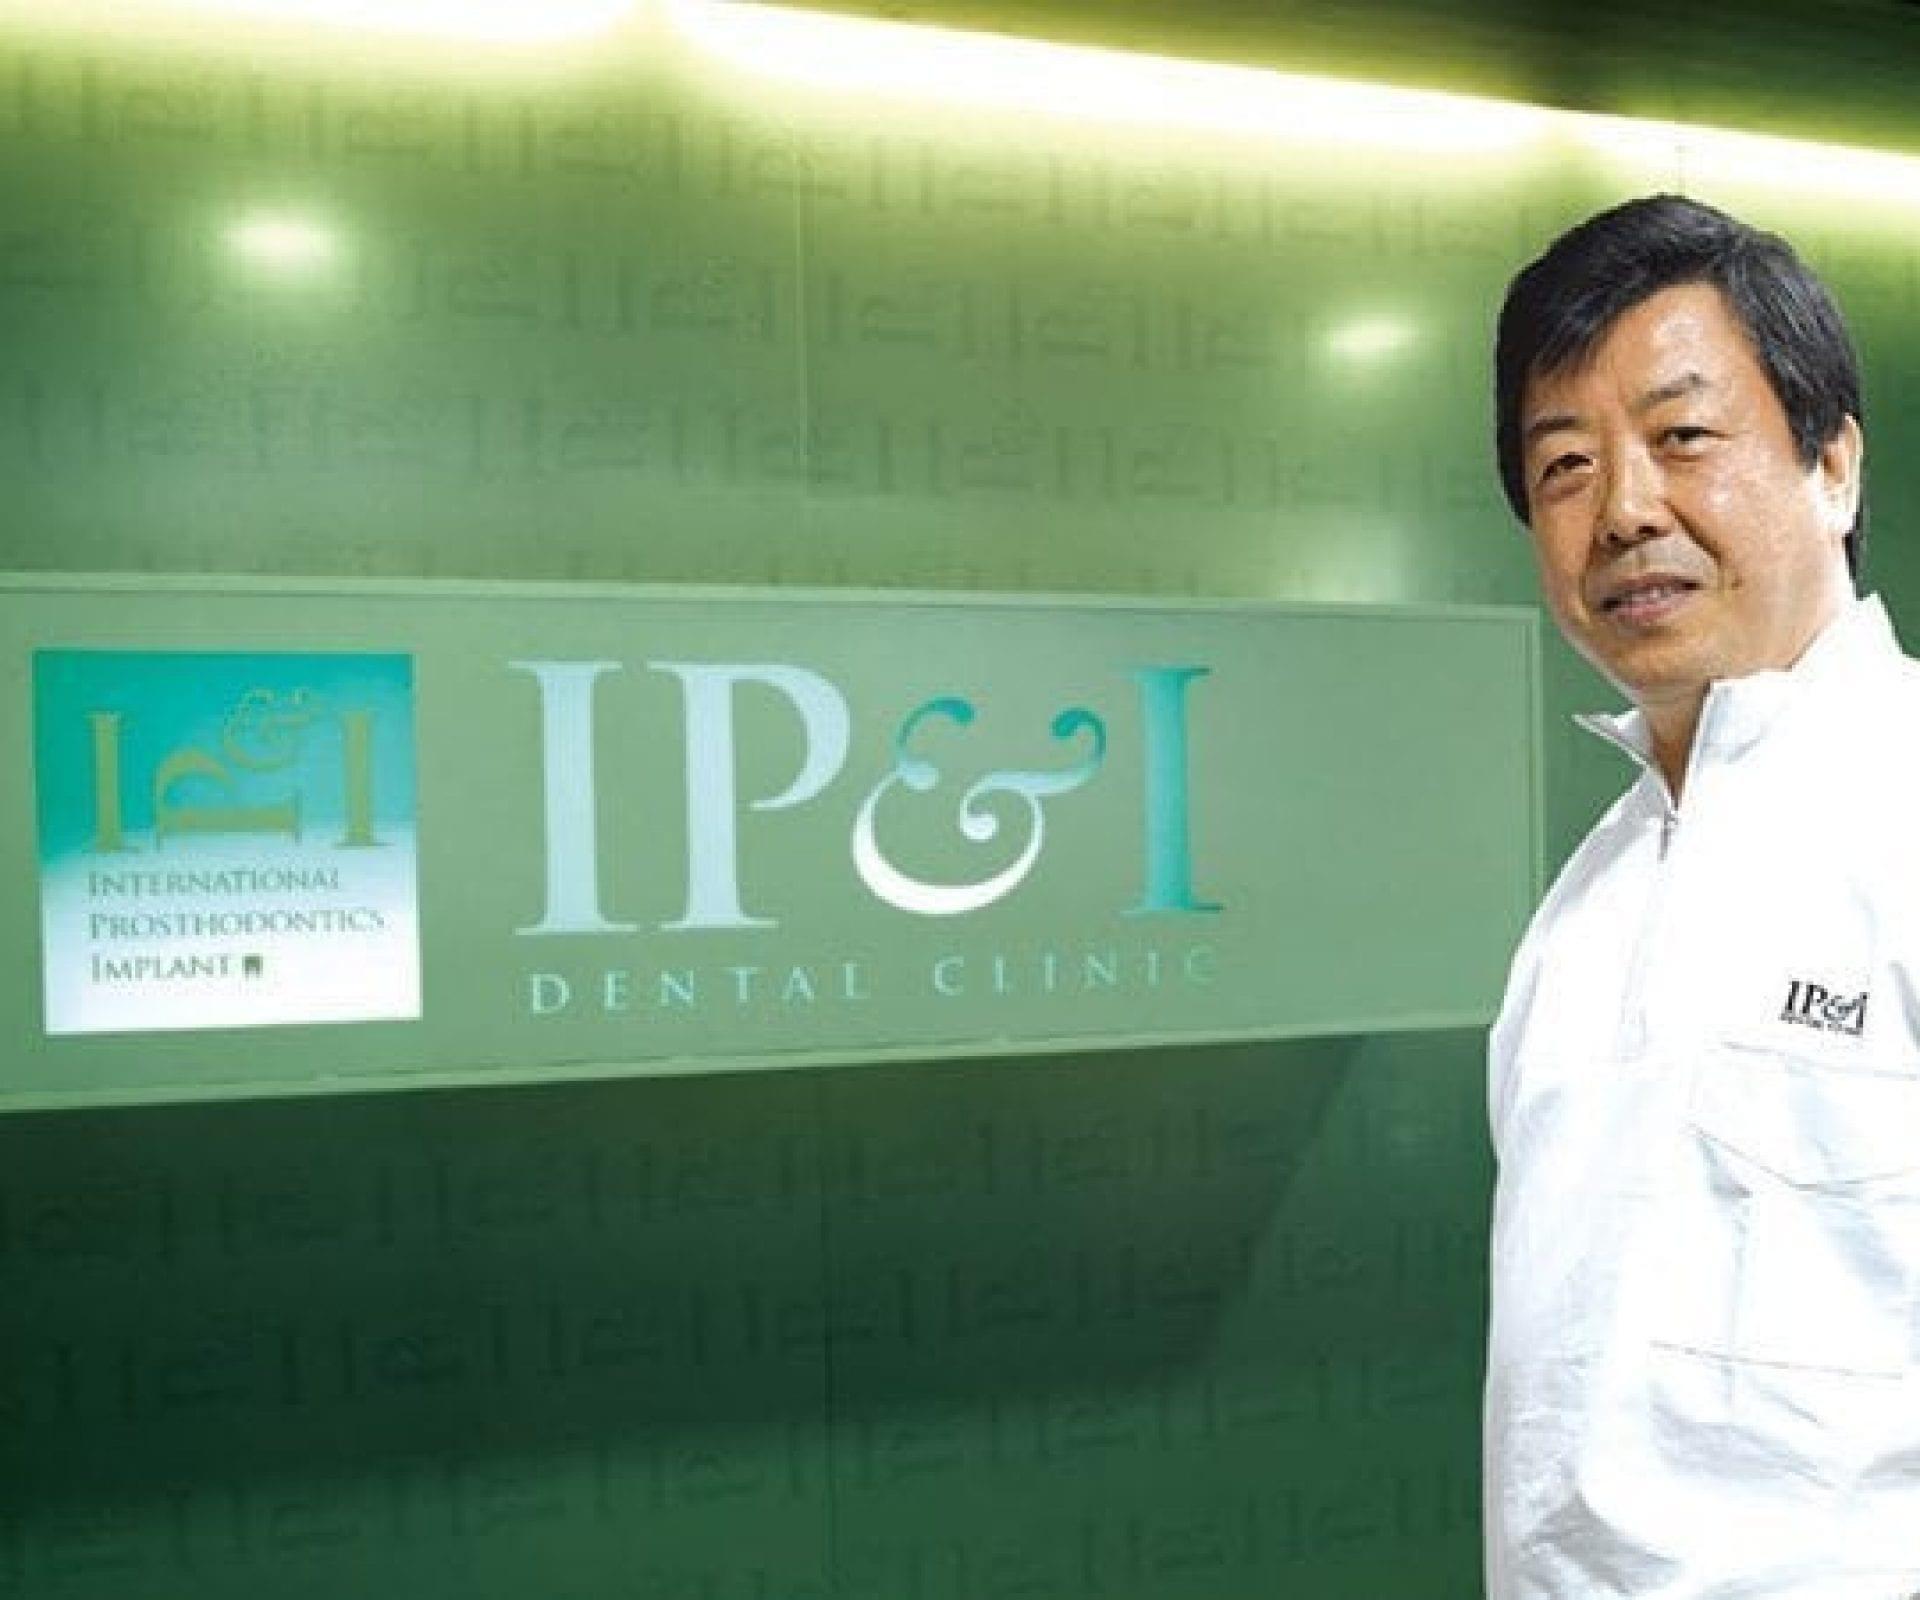 IP & I Dental Clinic | Jongno-gu, Seoul